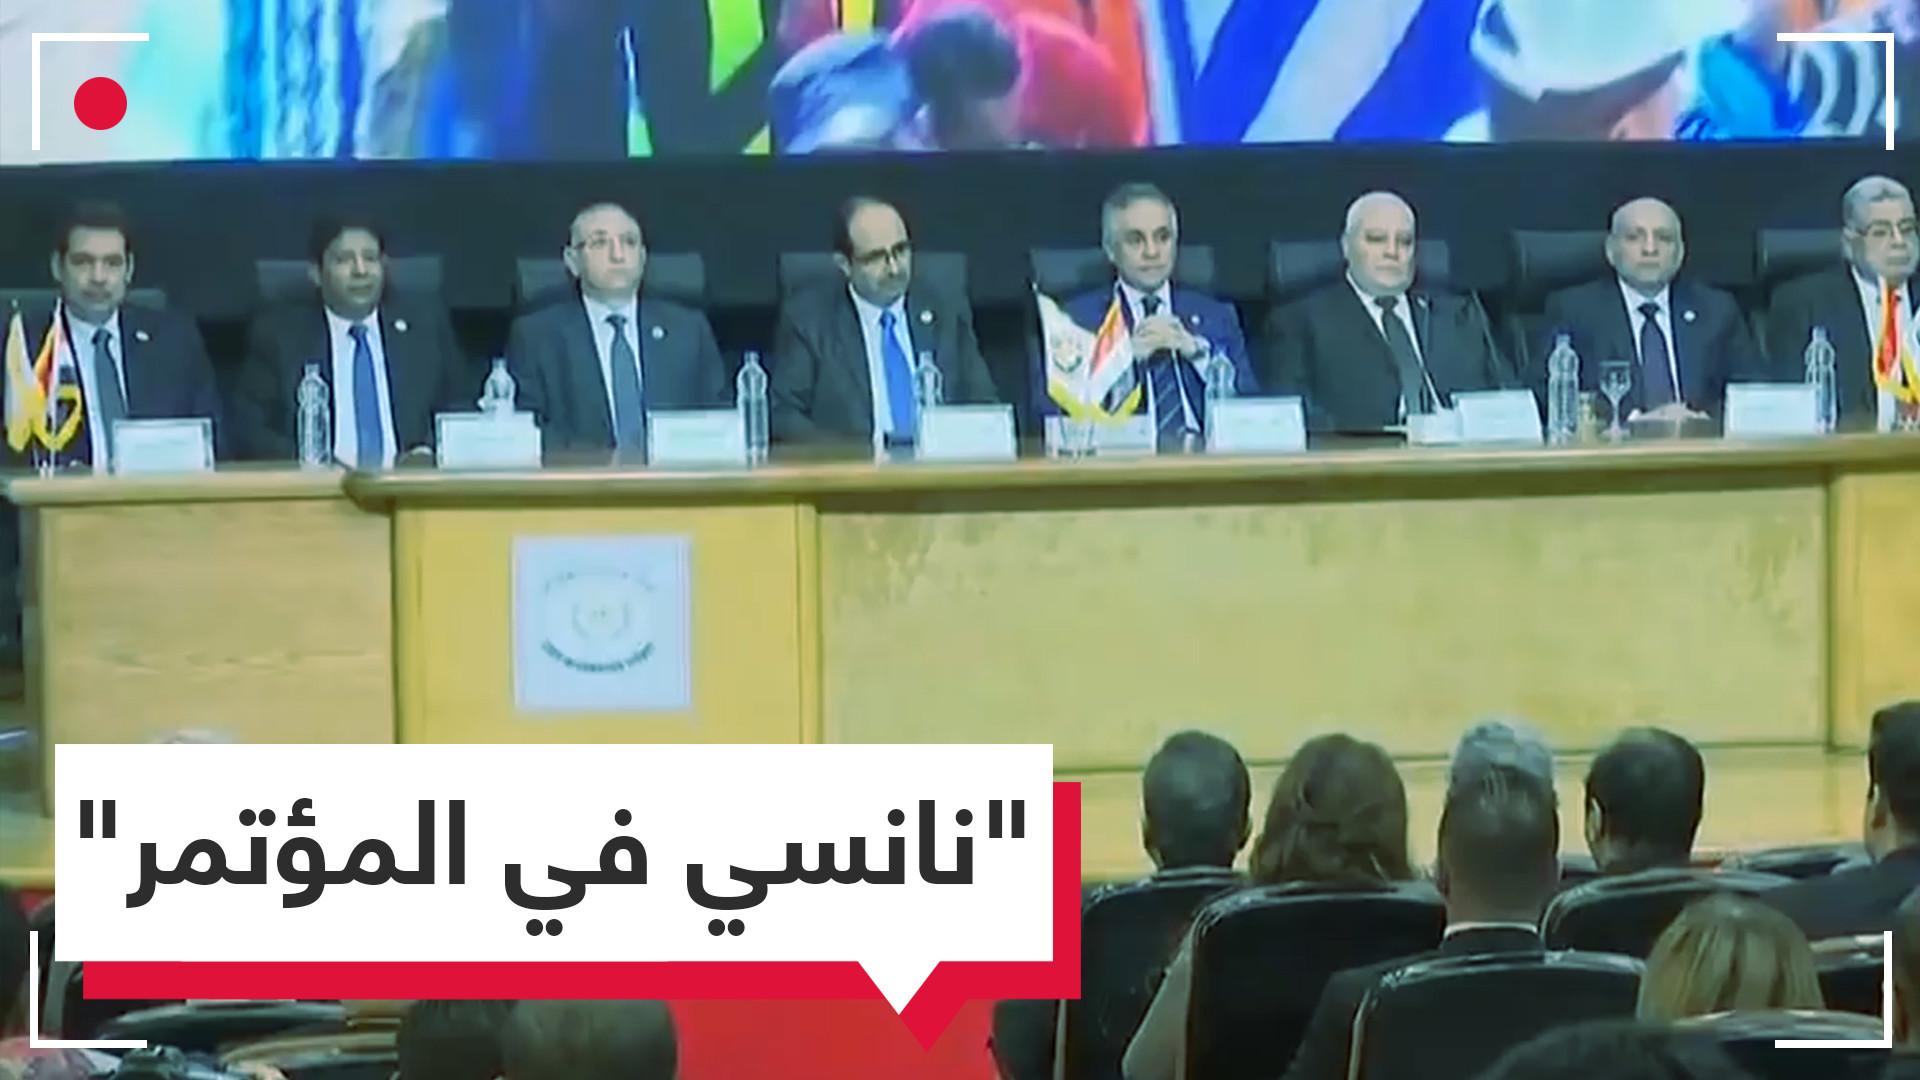 """بـ""""راجل وابن راجل"""".. نانسي عجرم """"تشارك"""" في مؤتمر إعلان نتائج الاستفتاء بمصر"""